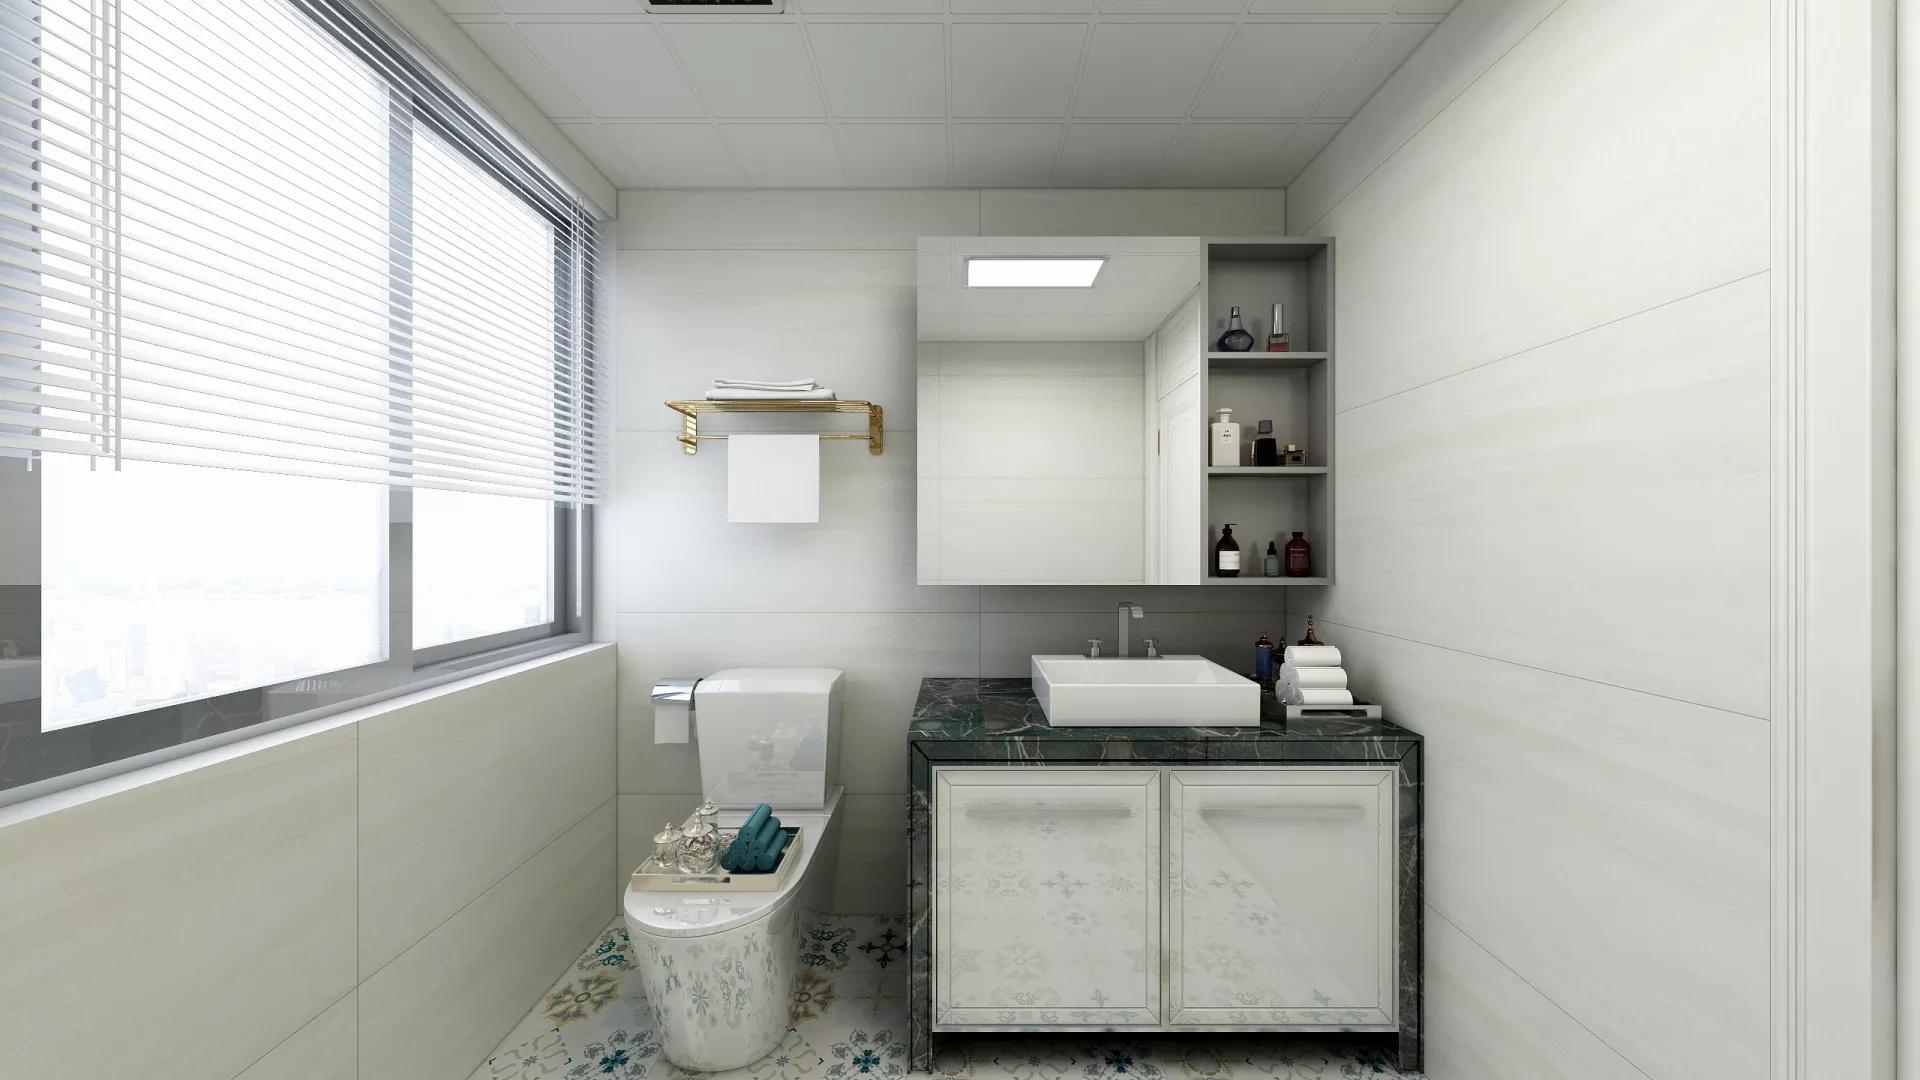 小卫生间如何做干湿分离?小卫生间怎么做干湿分离?